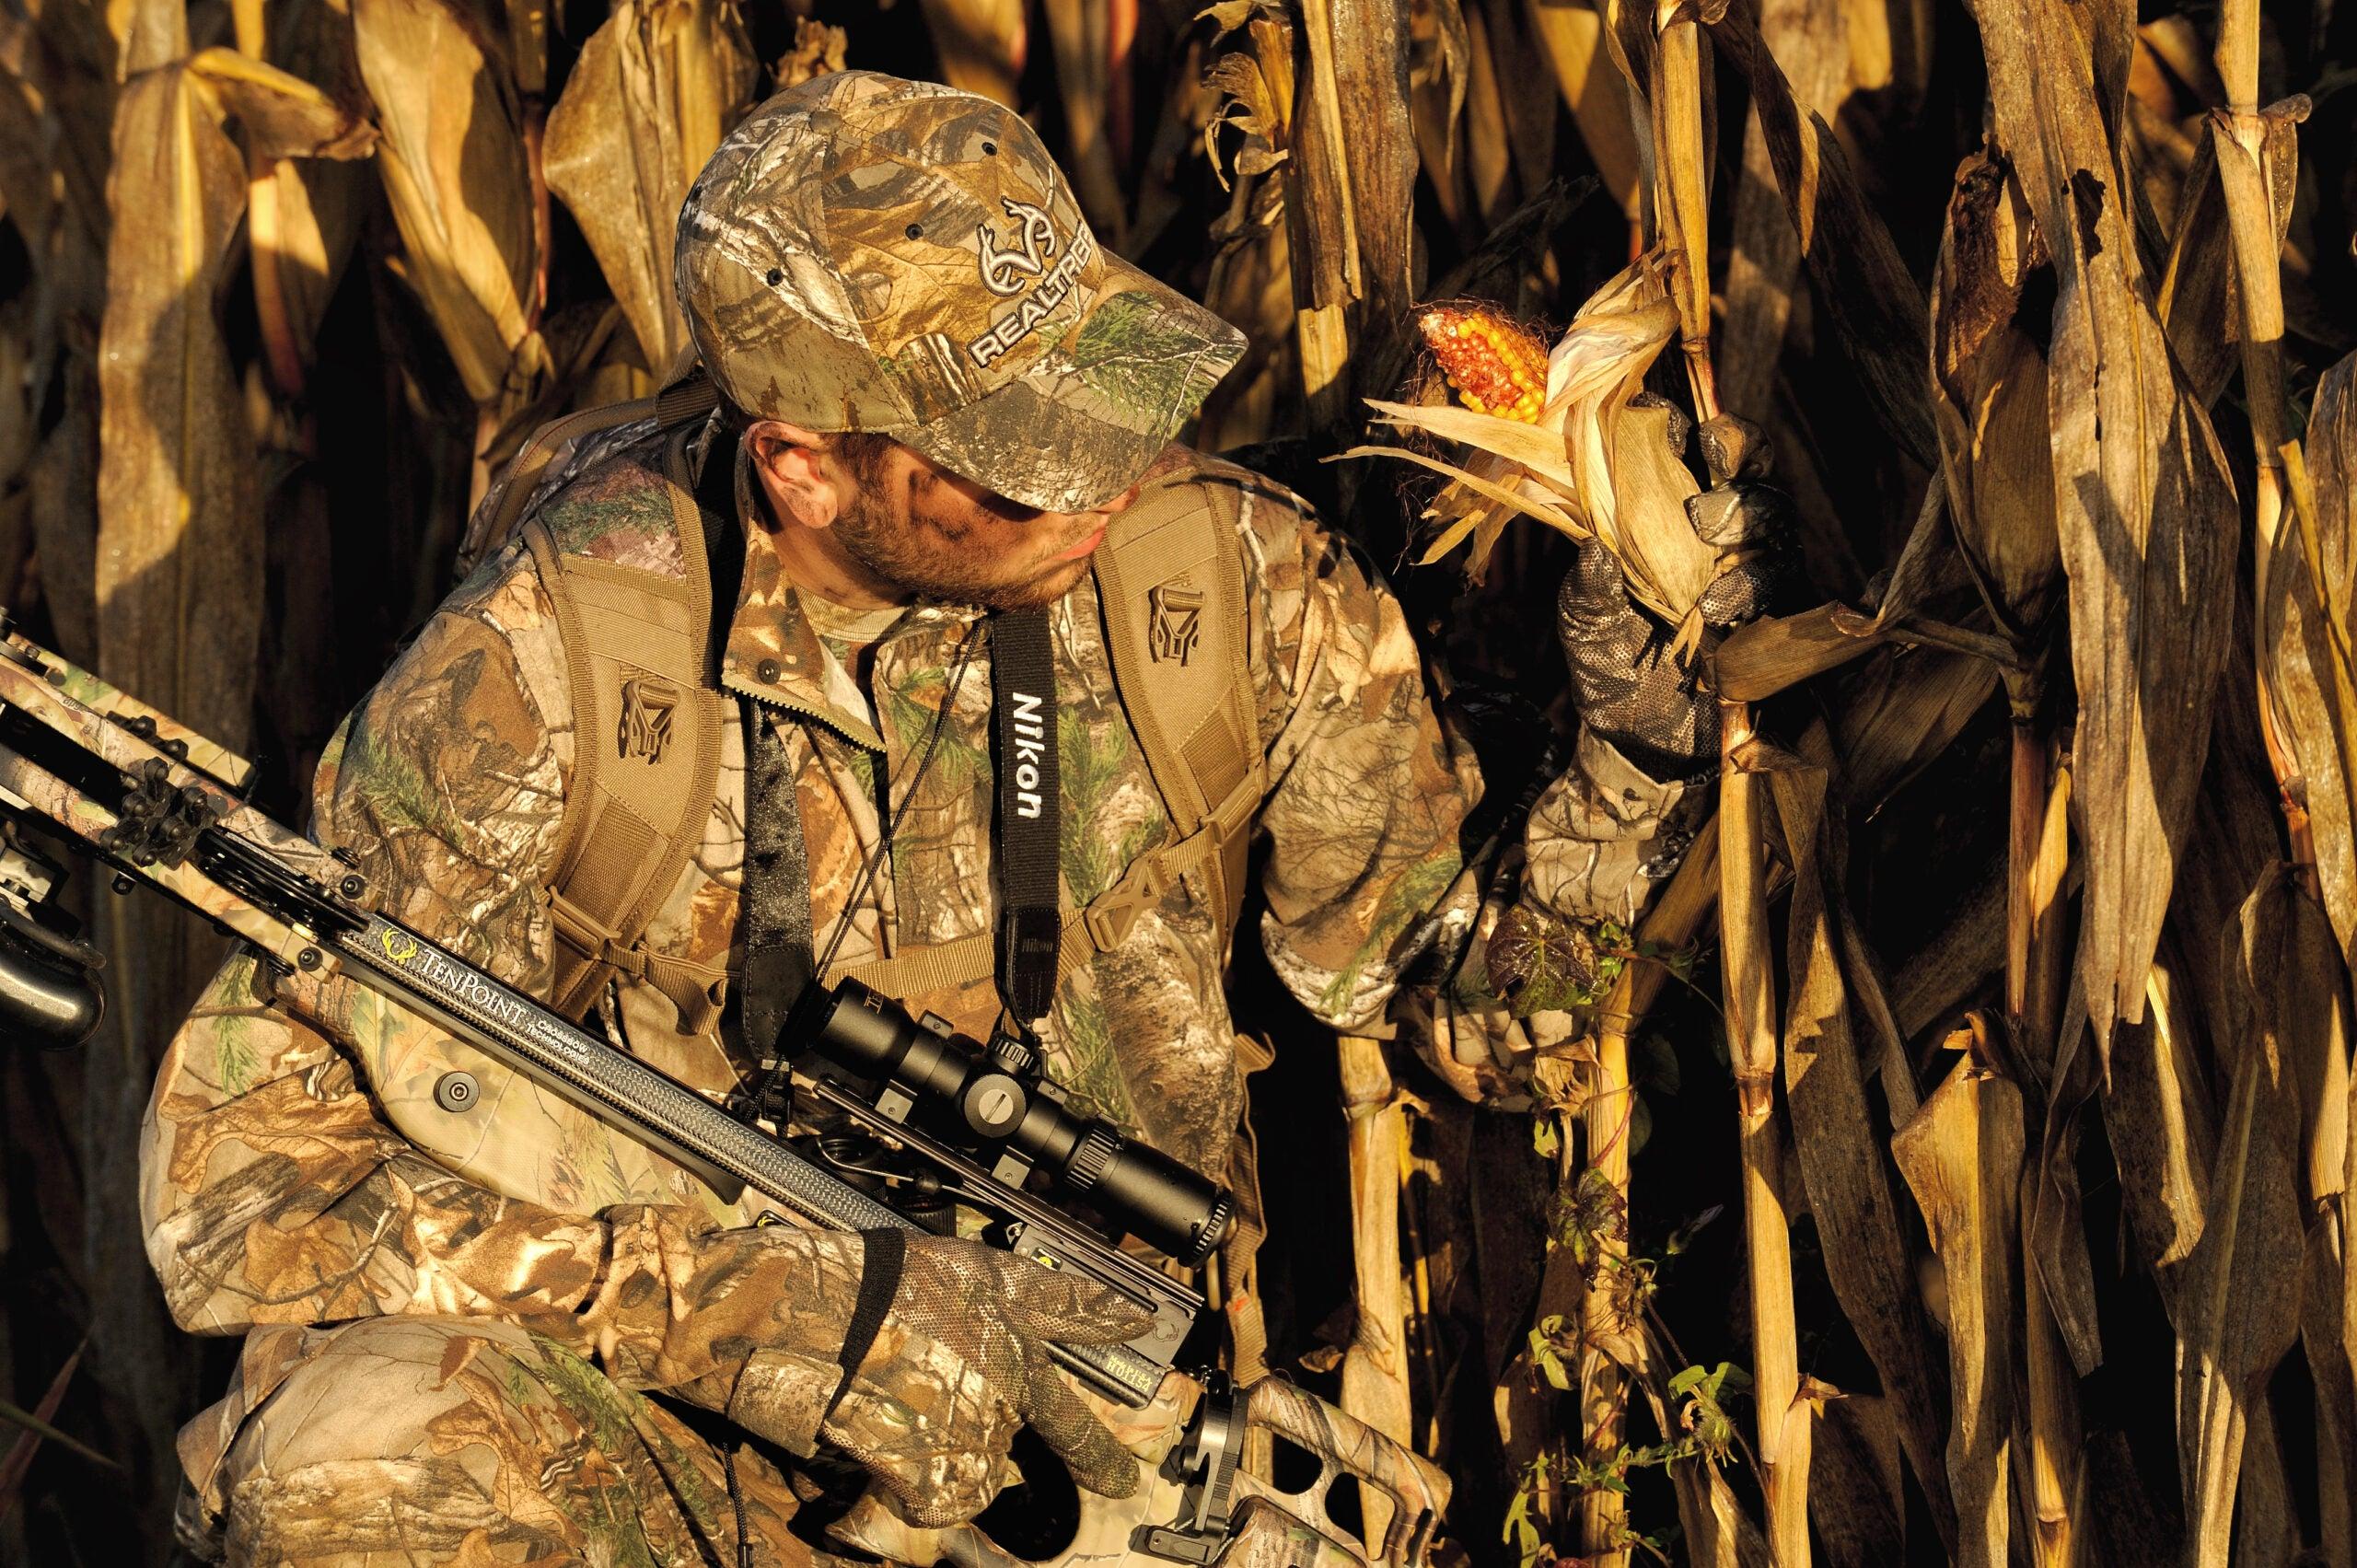 Do Deer Prefer Non-GMO Corn?